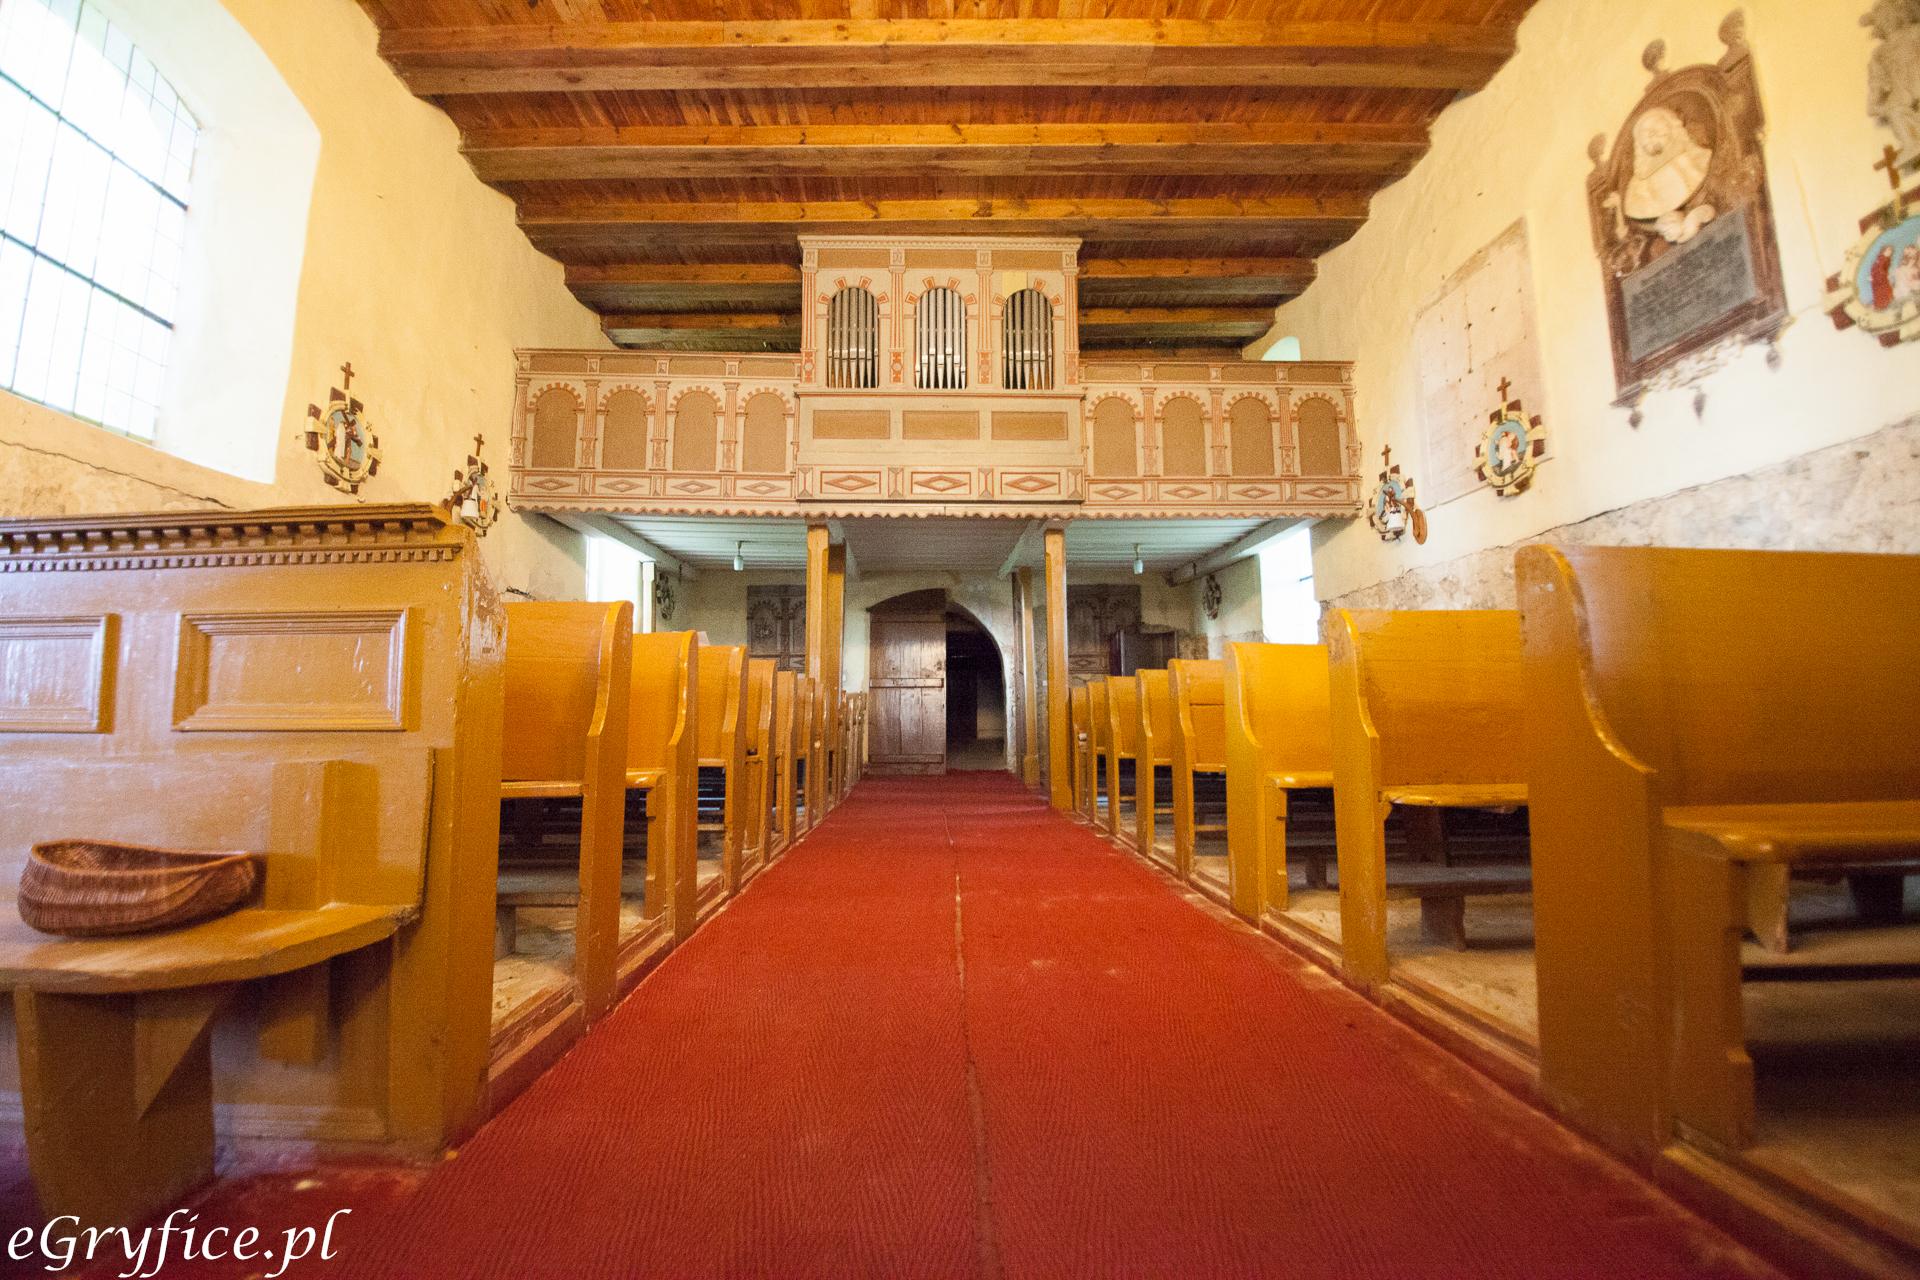 Wnętrze kościoła w Rybokartach i zabytkowe organy